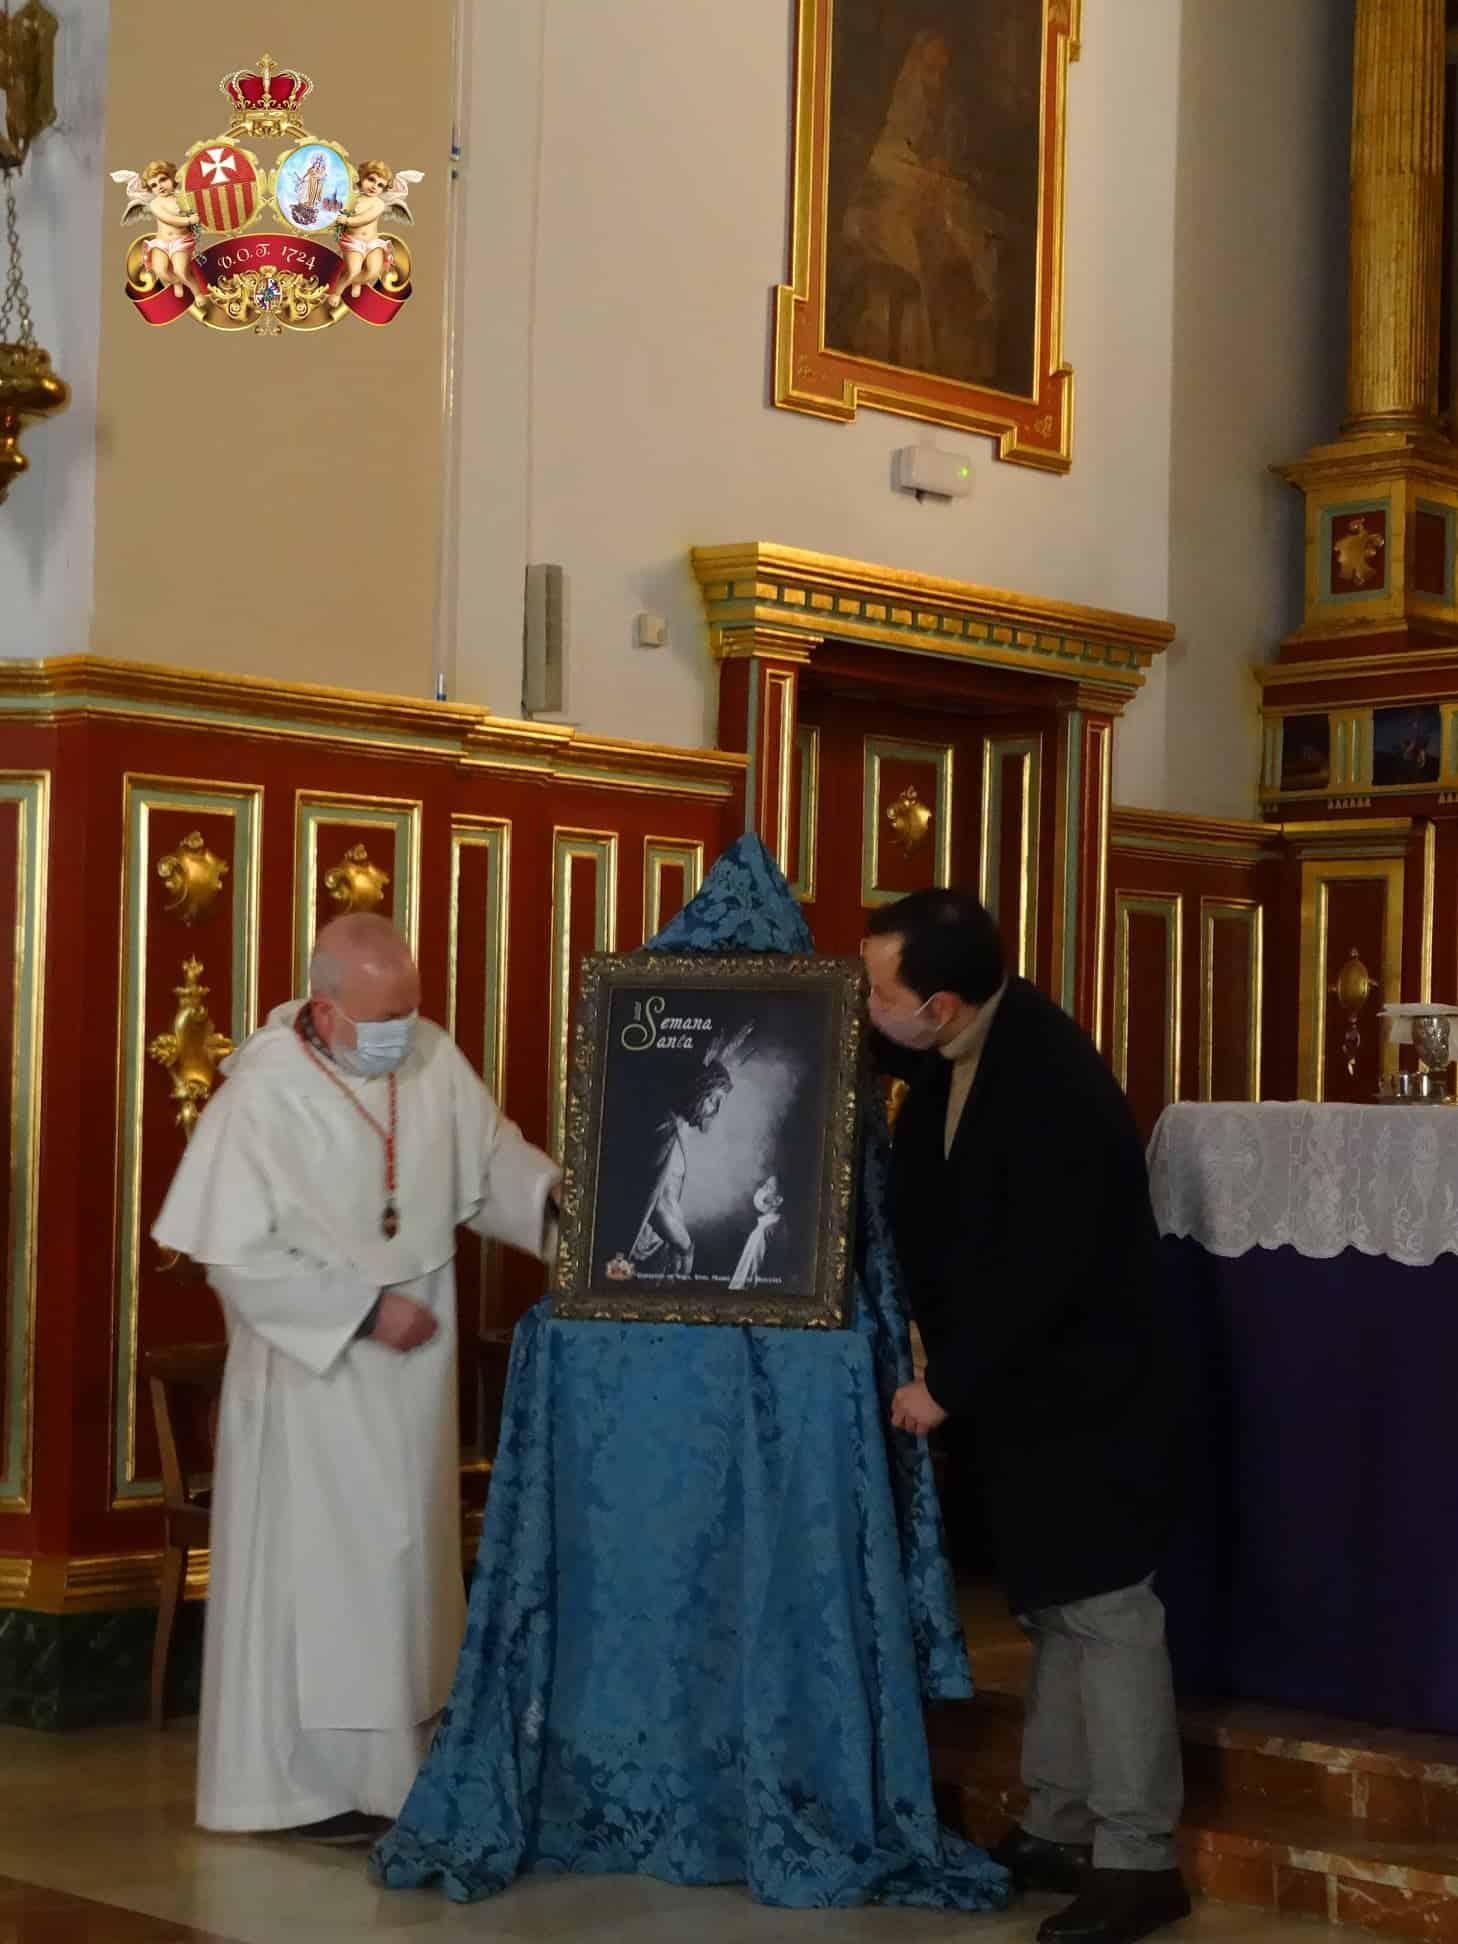 Presentado el cartel de Semana Santa del Convento de La Merced 11